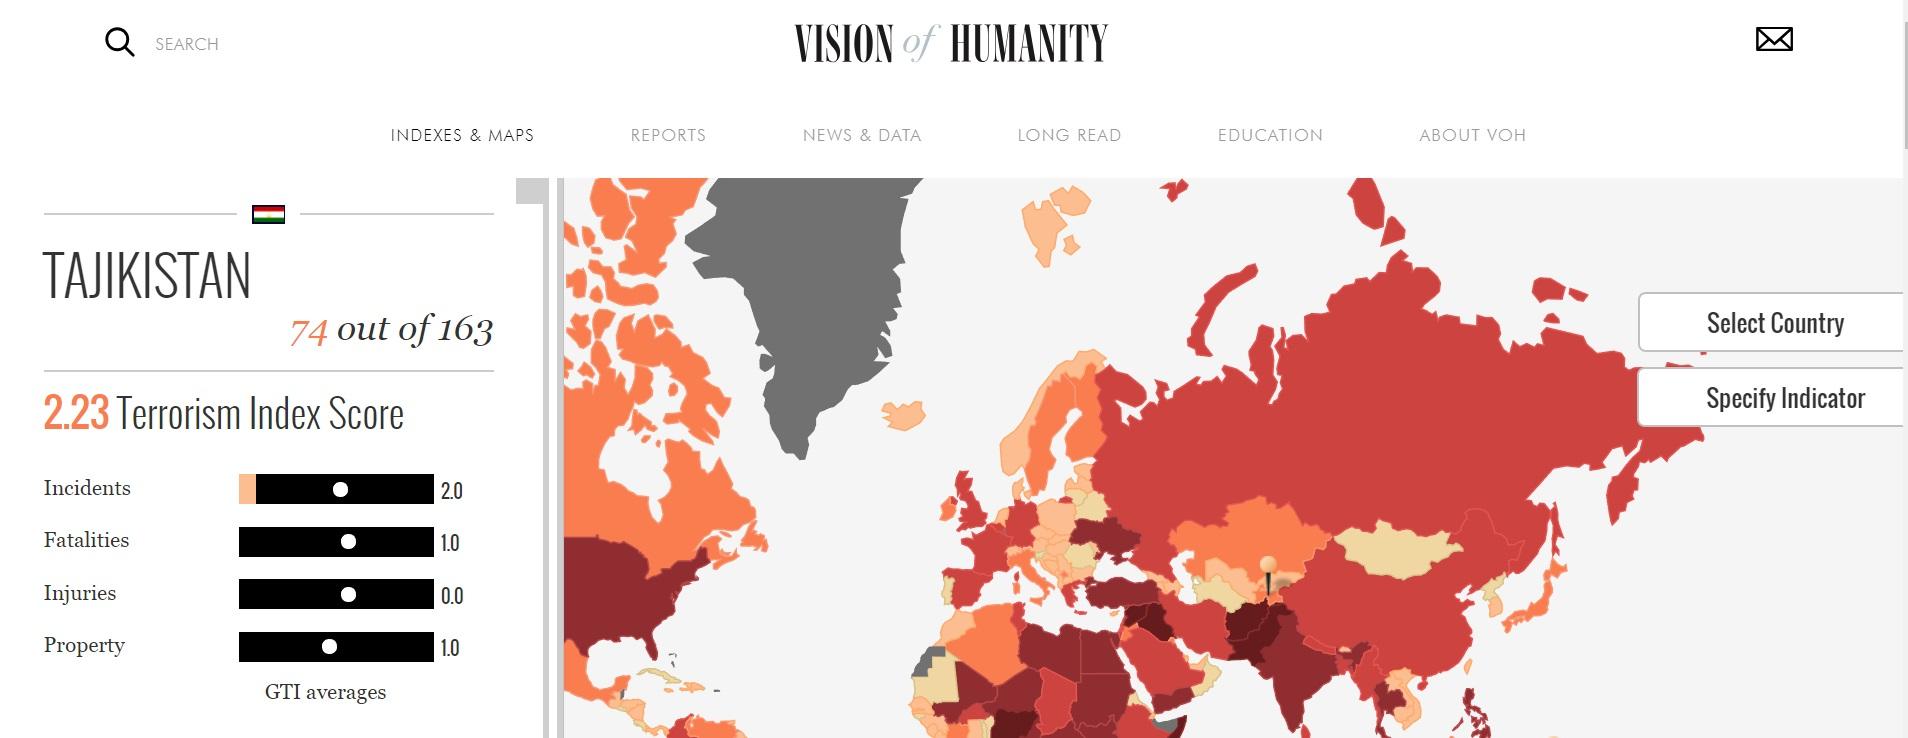 Глобальный индекс терроризма 2018 - Таджикистан